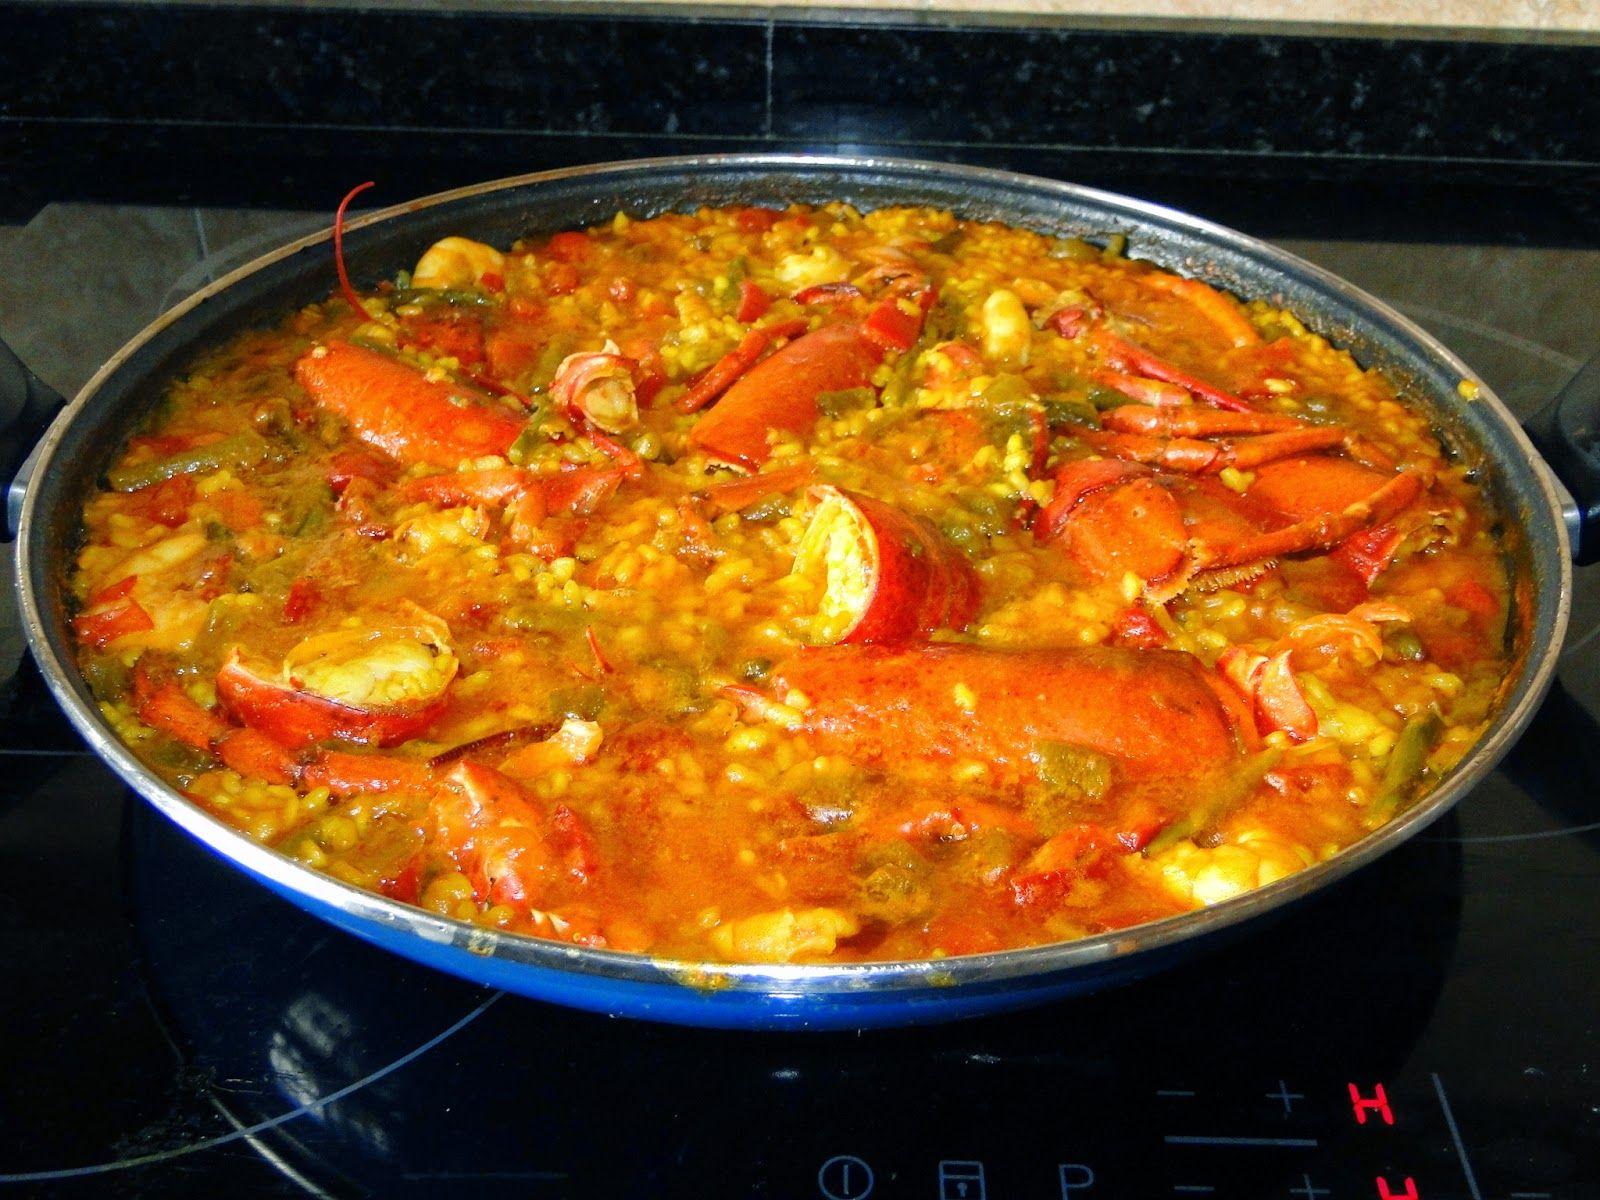 Buena cocina mediterranea recopilaci n recetas de arroces for Cocina mediterranea